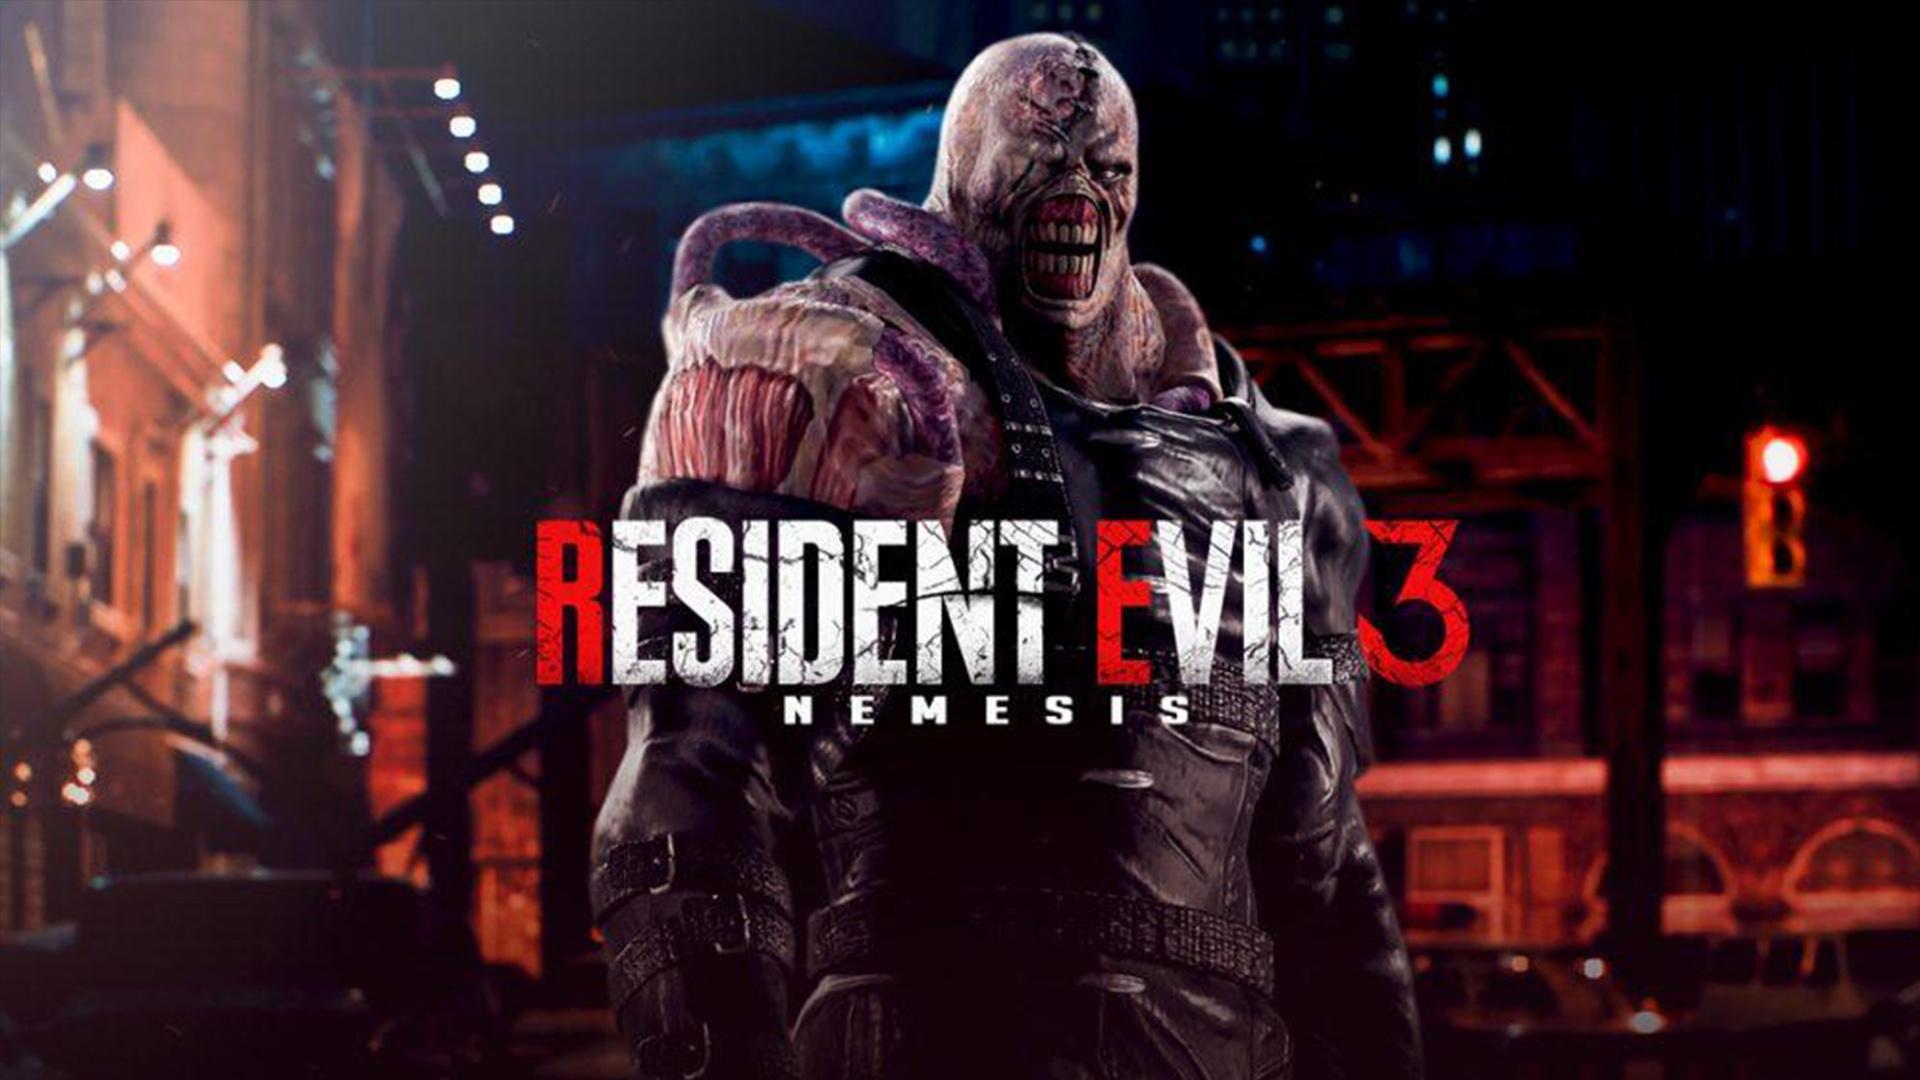 El remake de Resident Evil 3 ya estaría en desarrollo y llegaría a las tiendas en 2020